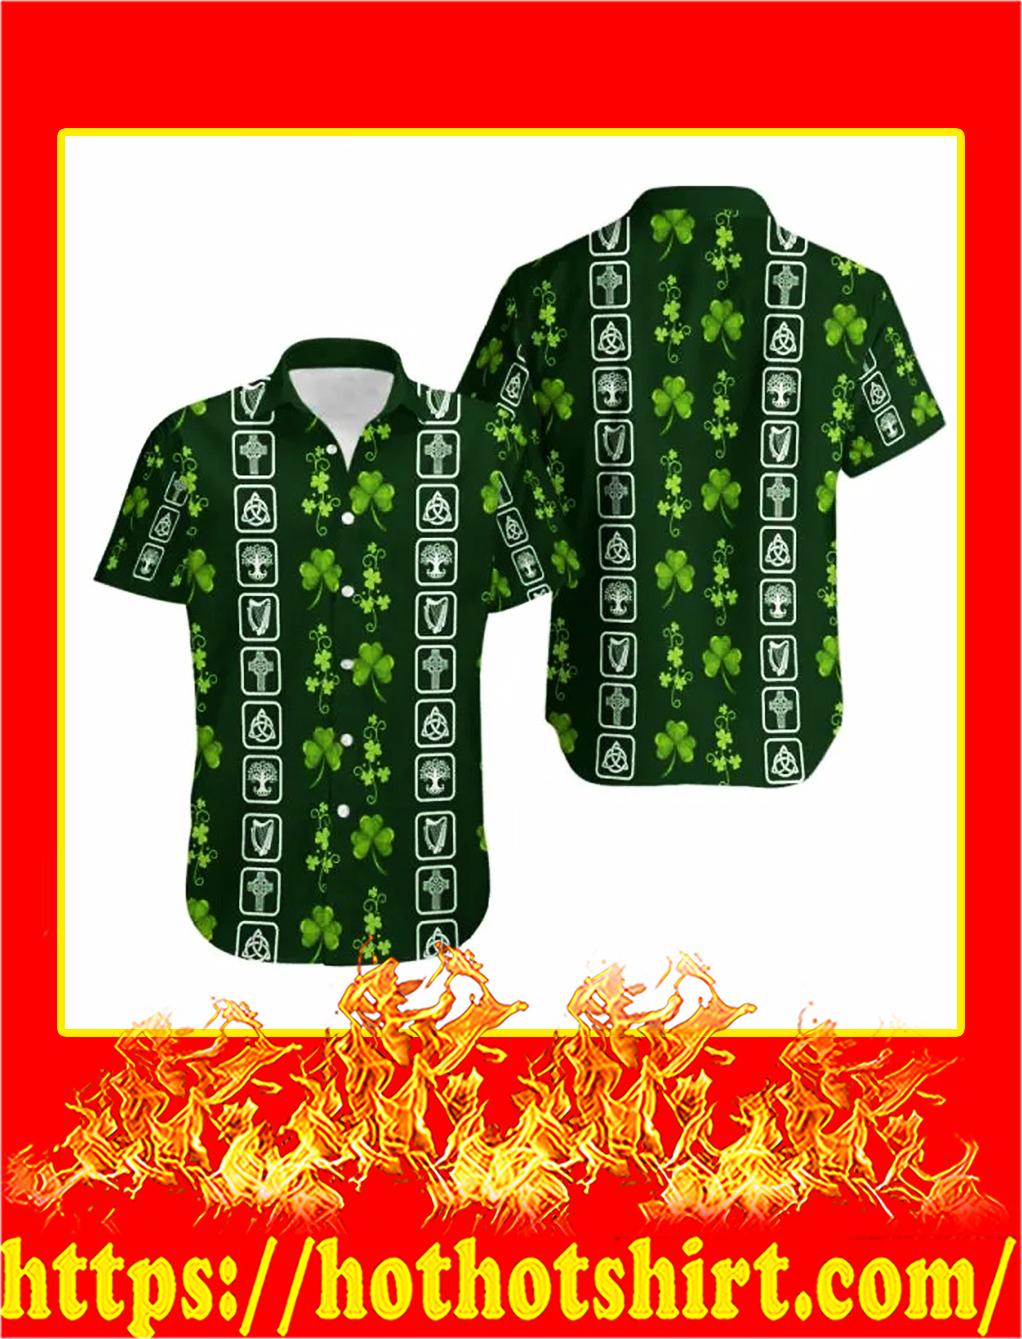 Shamrock irish symbols hawaiian shirt - S